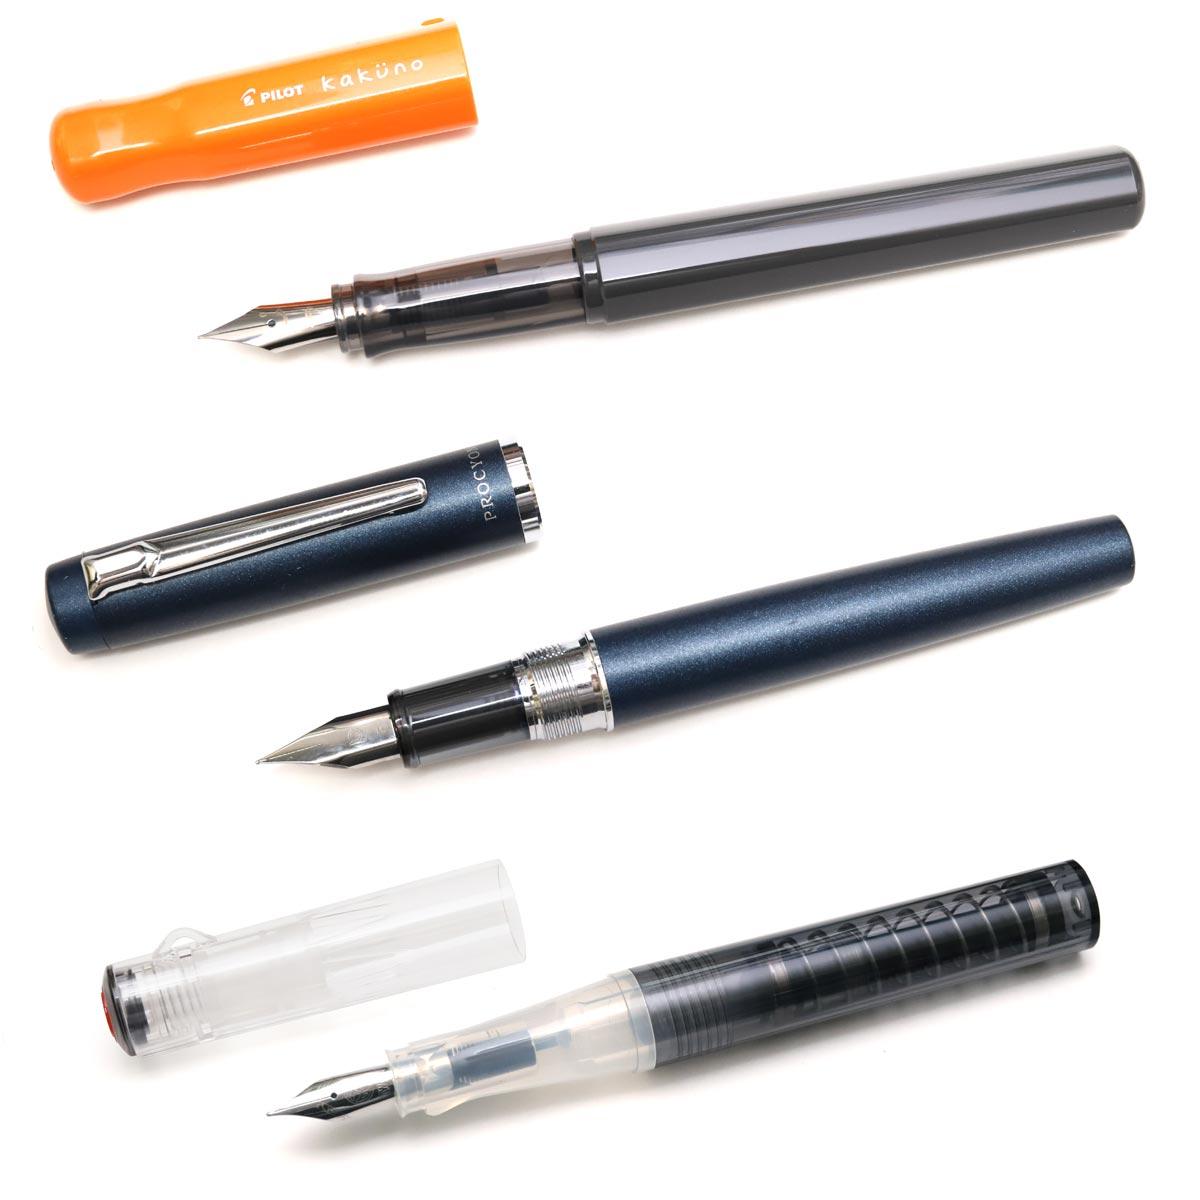 高コスパな「万年筆」3本! 初心者が挑みやすい価格帯から専門家が厳選